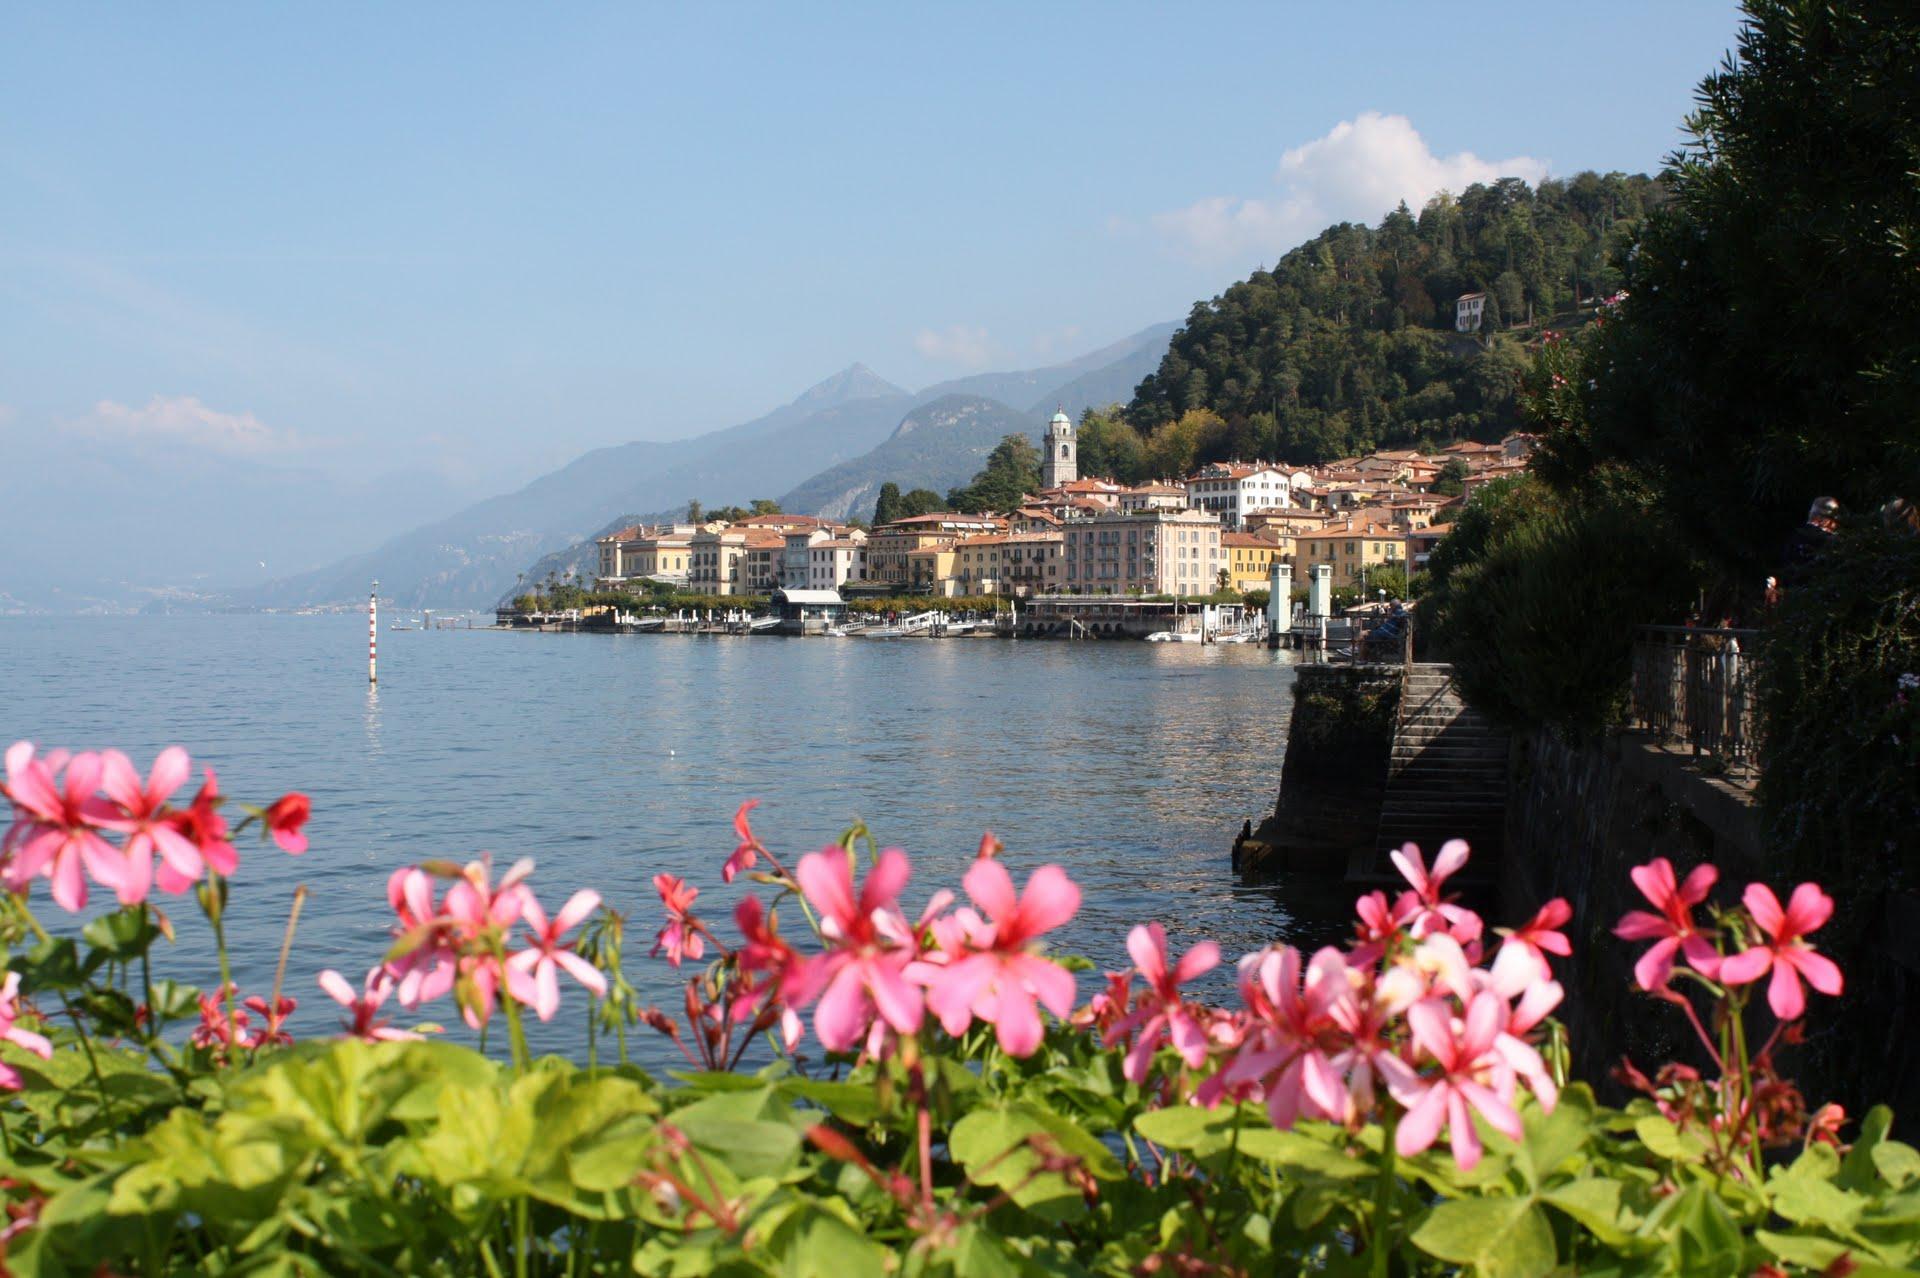 Lake_Como_Italy_Wallpaper